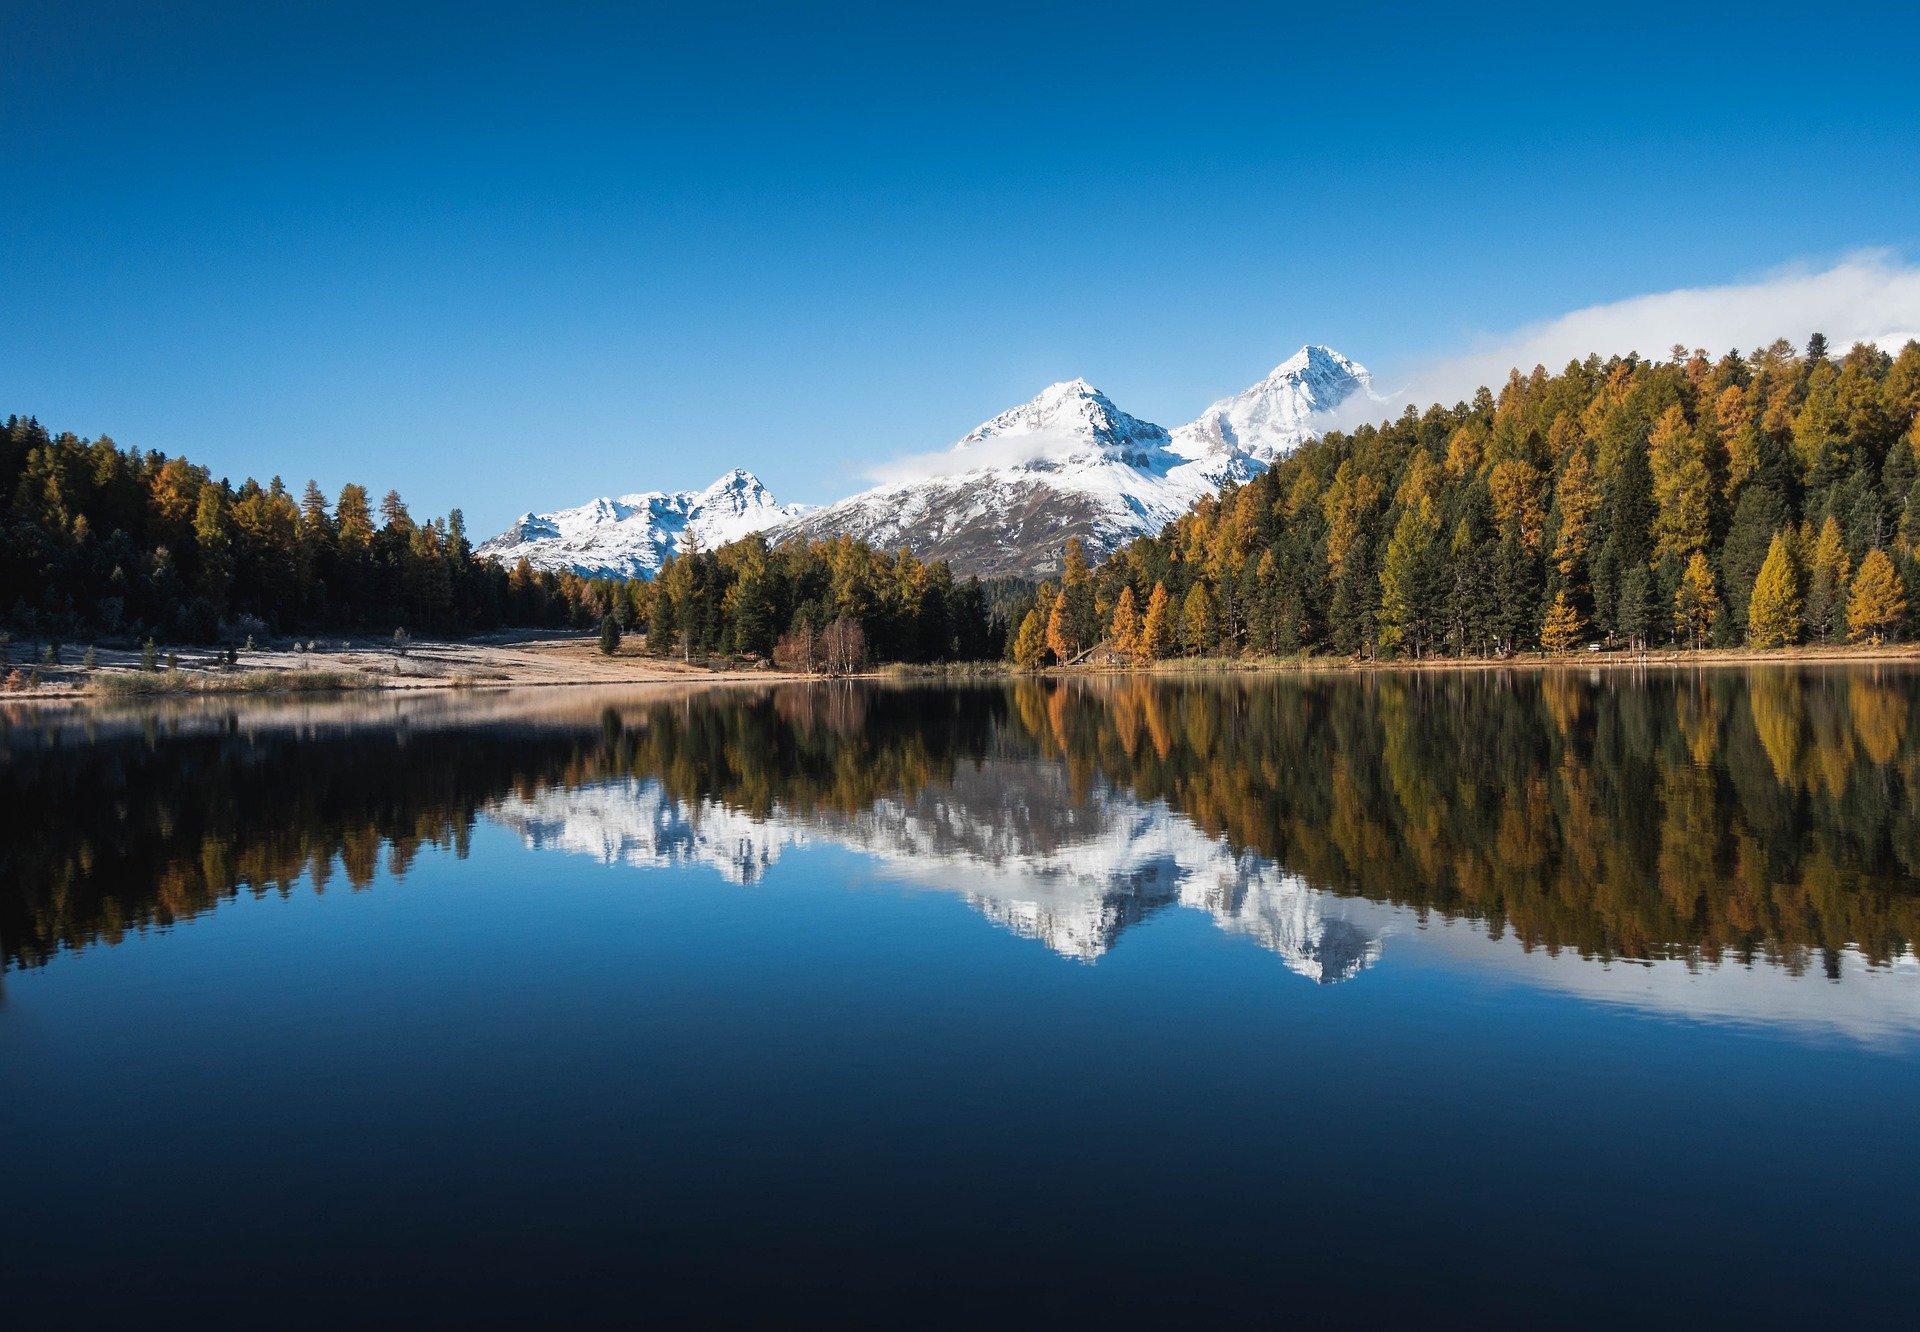 lake-5933622_1920